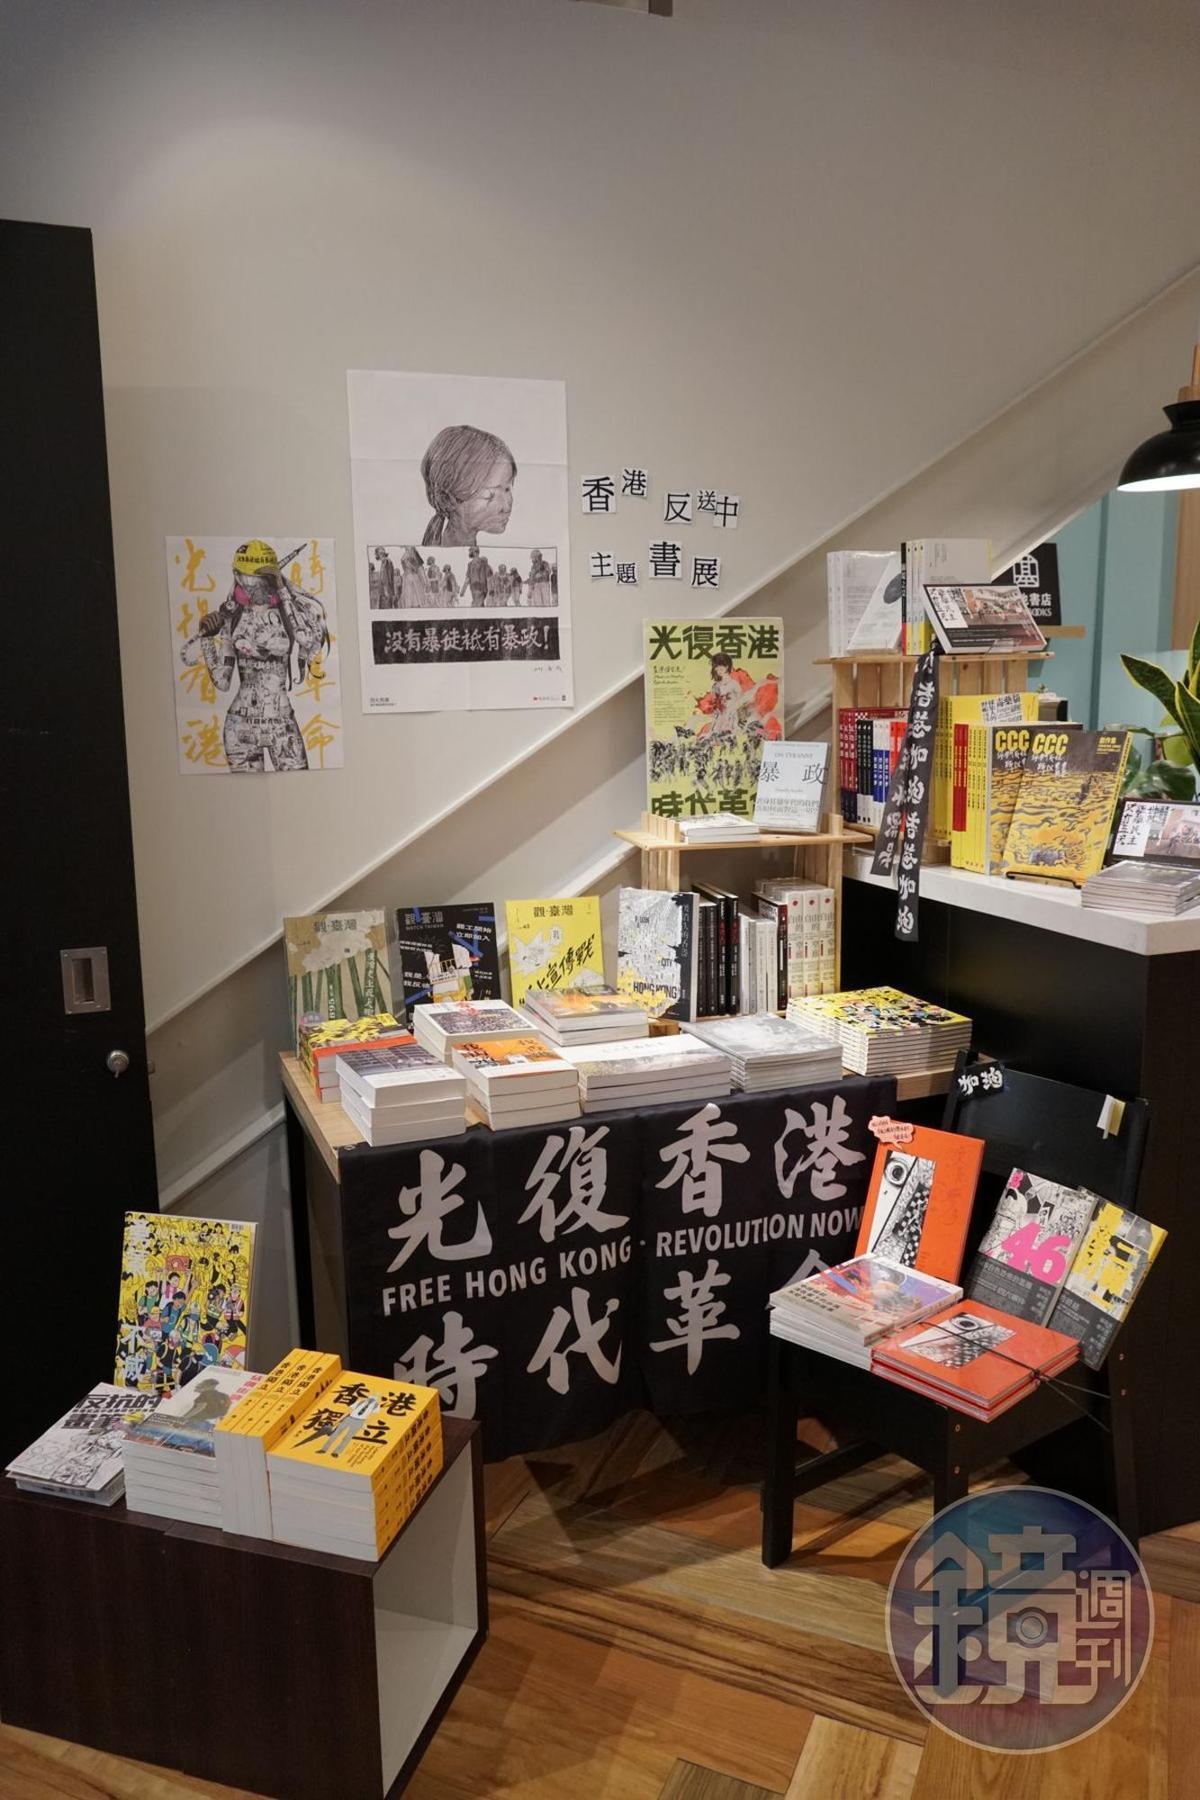 漫畫基地一樓書店也設置了香港反送中主題書展專區。